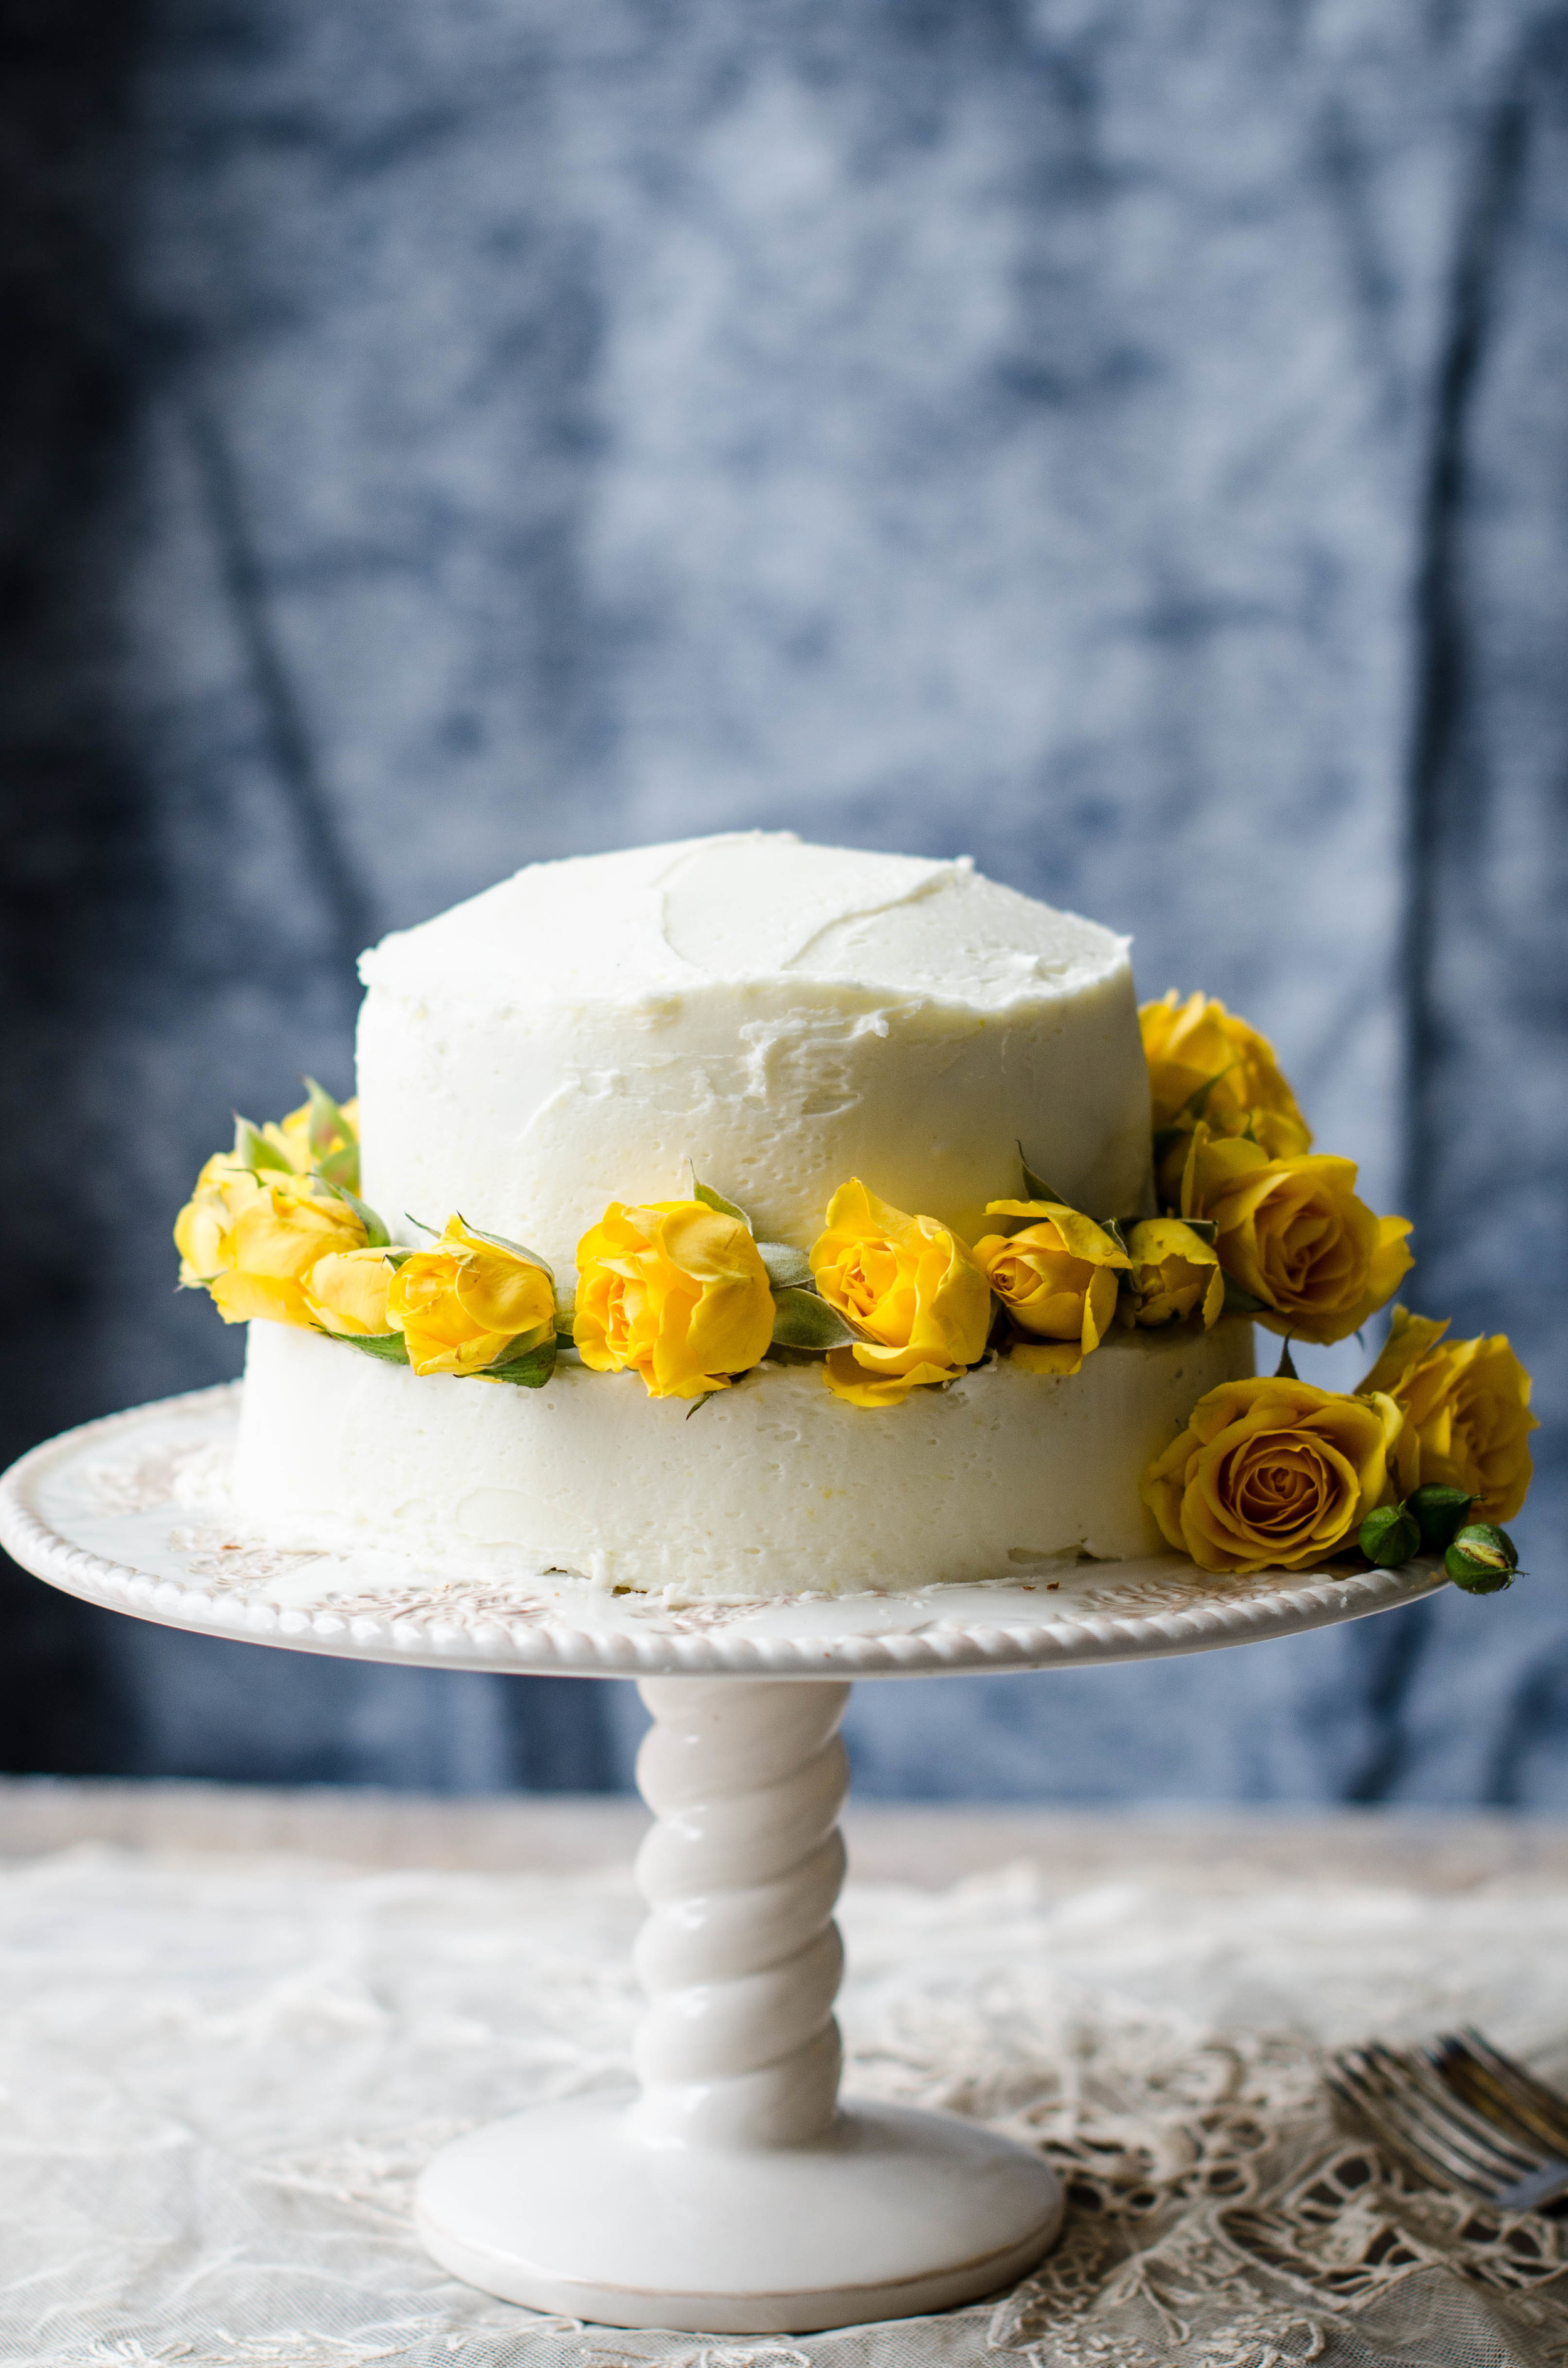 ROSE & IVY JOURNAL LEMON CAKE WITH LEMON BUTTERCREAM